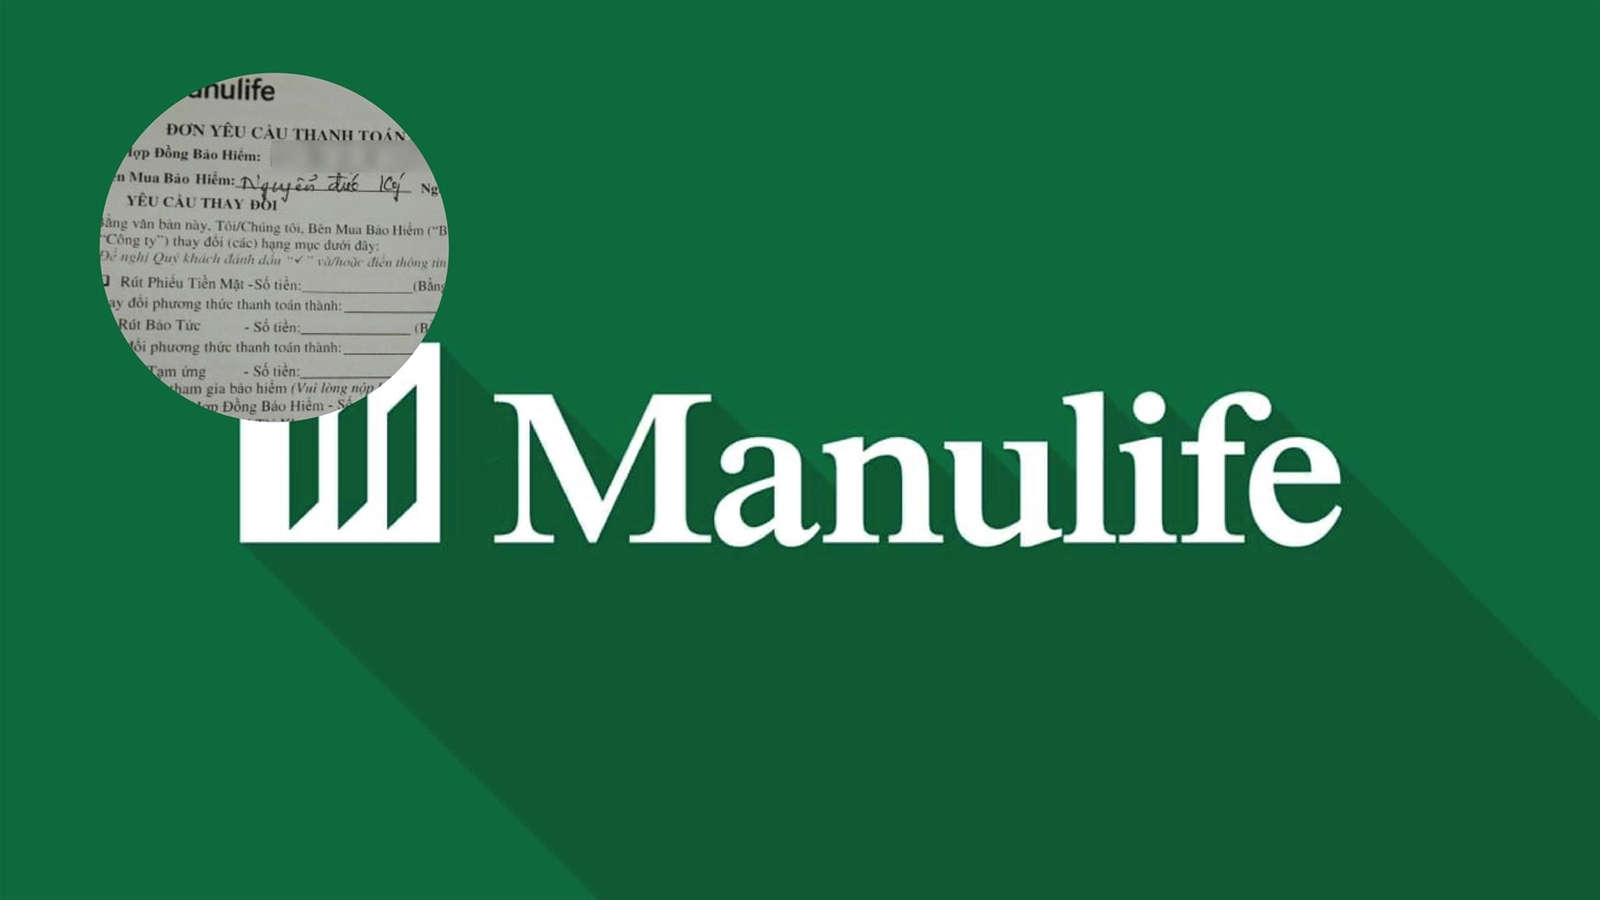 Cục CT & BVNTD vào cuộc, Manulife nói vẫn đúng... quy trình